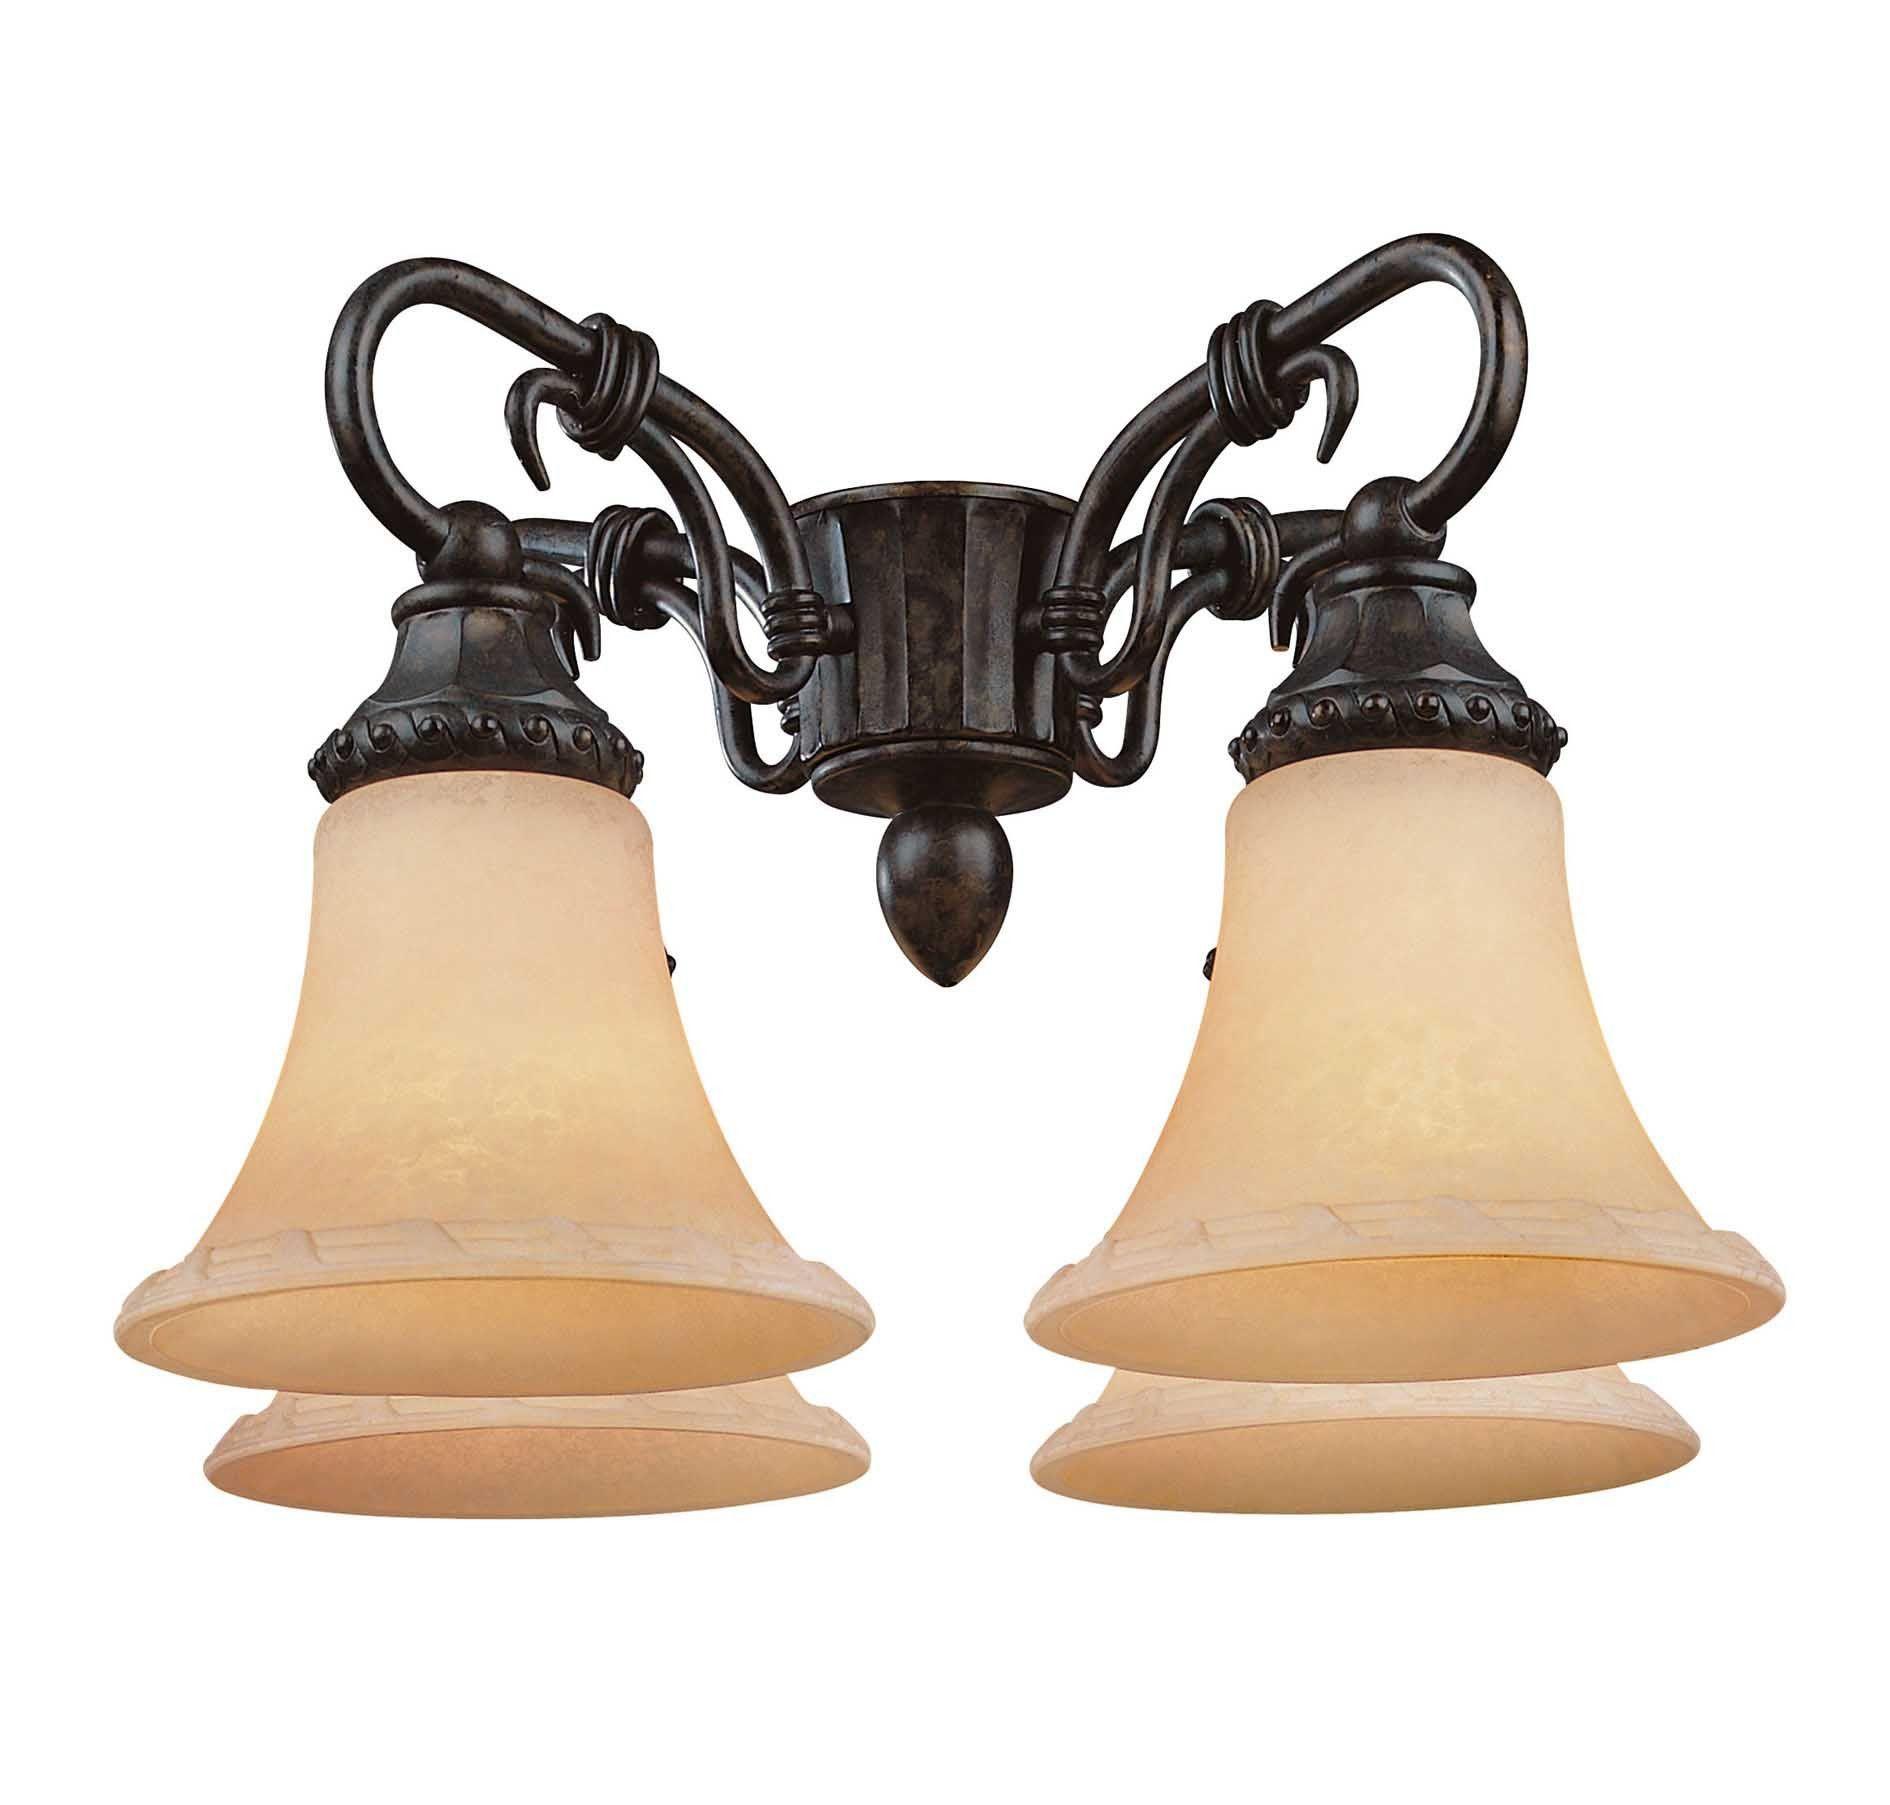 Savoy Villamoura Fan Light Kit